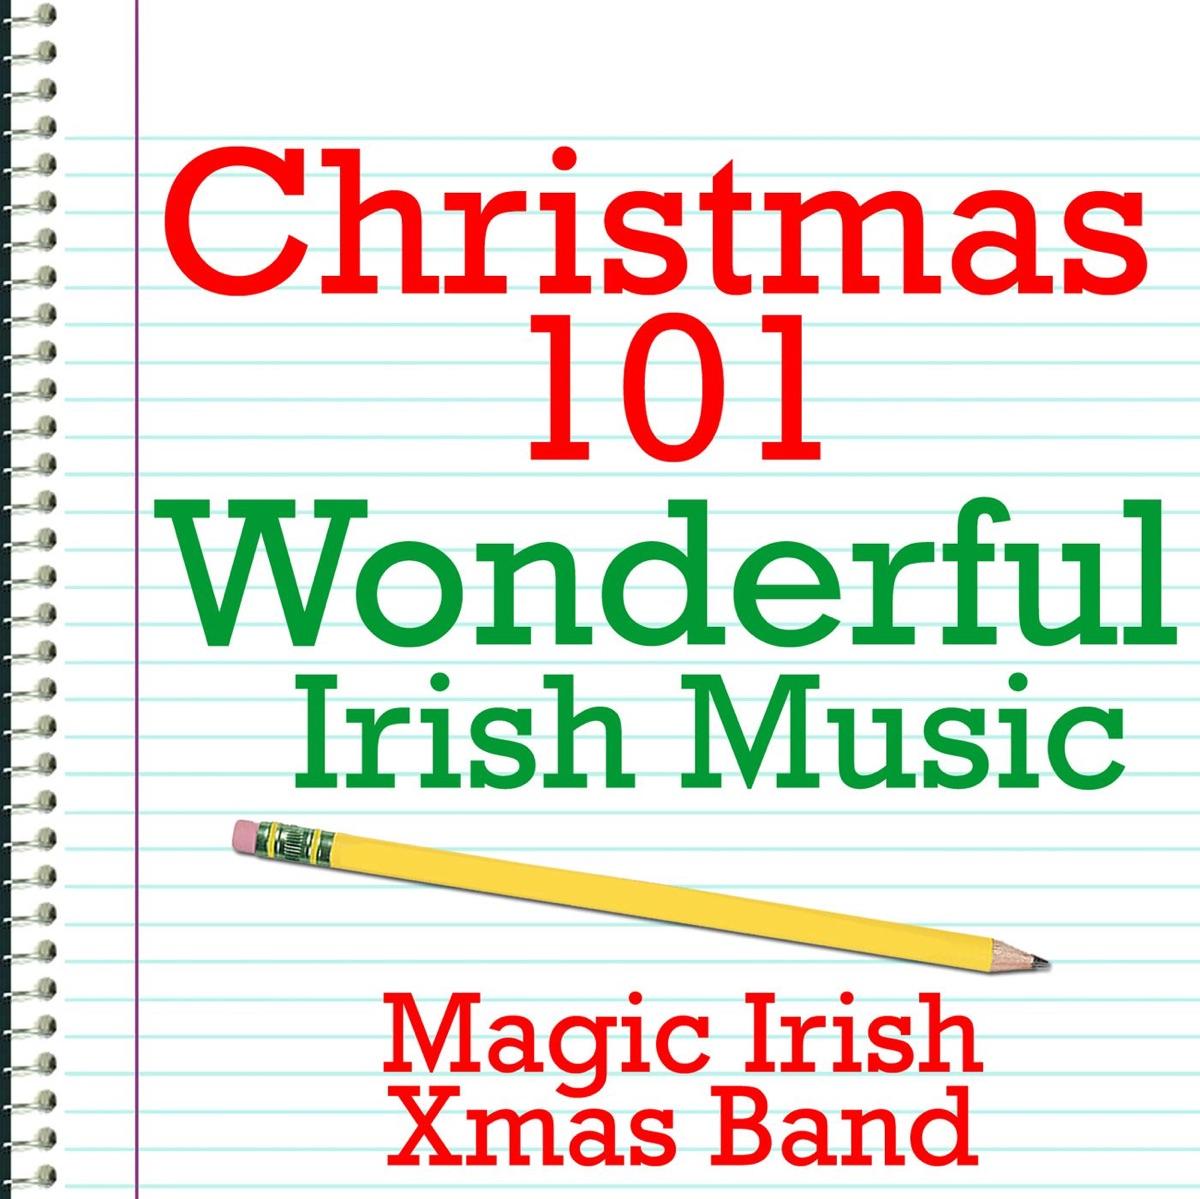 Christmas 101 - Wonderful Irish Music Album Cover by Magic Irish ...